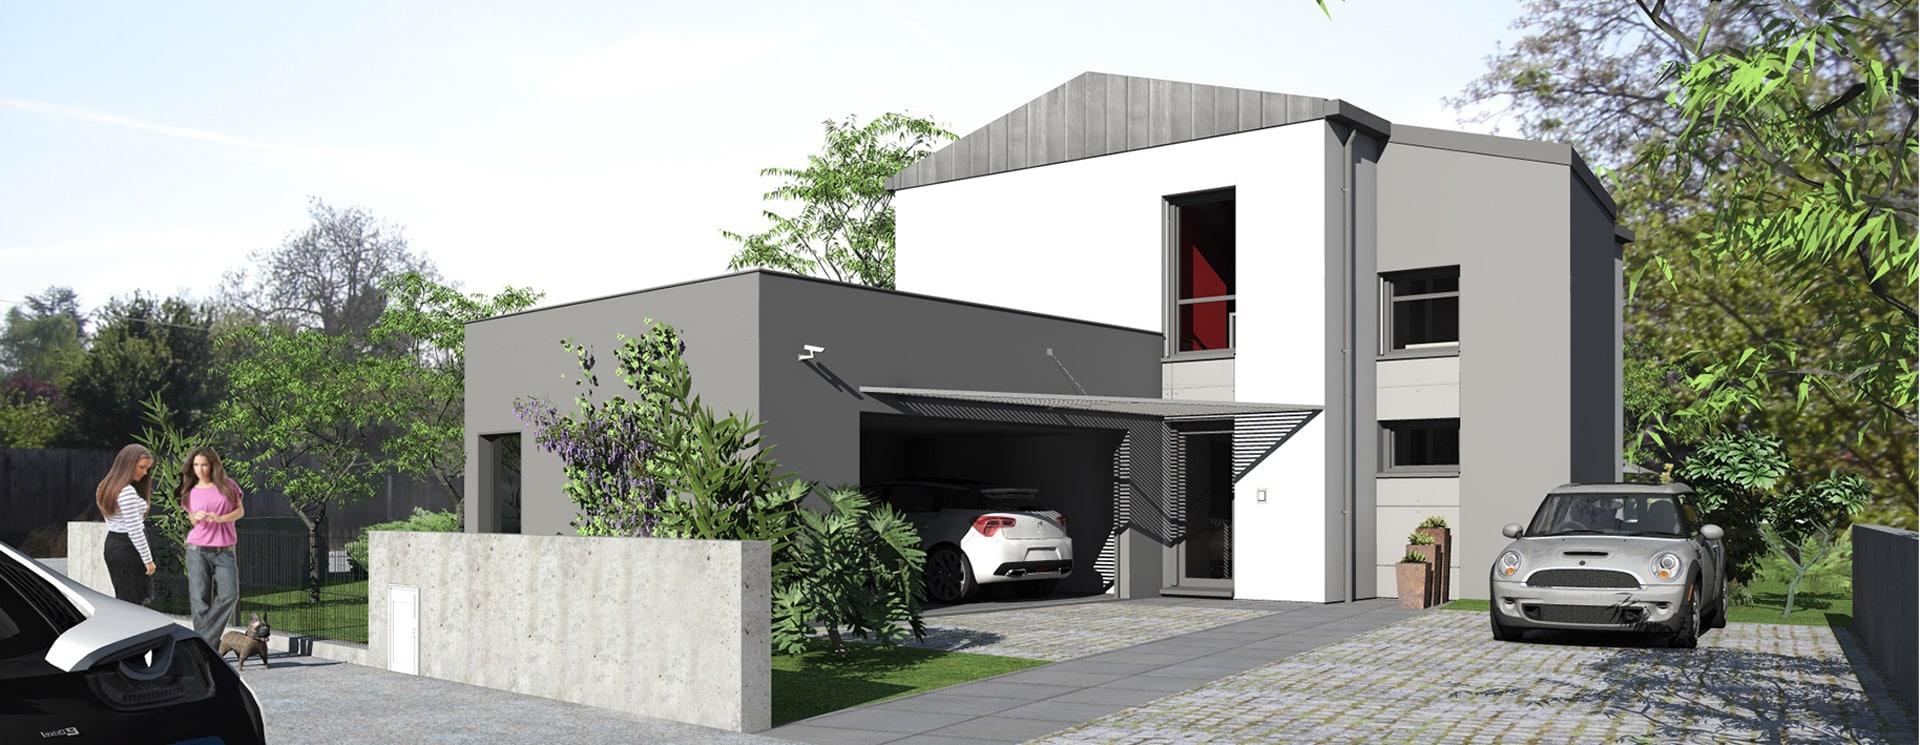 exemple architecture maison passive